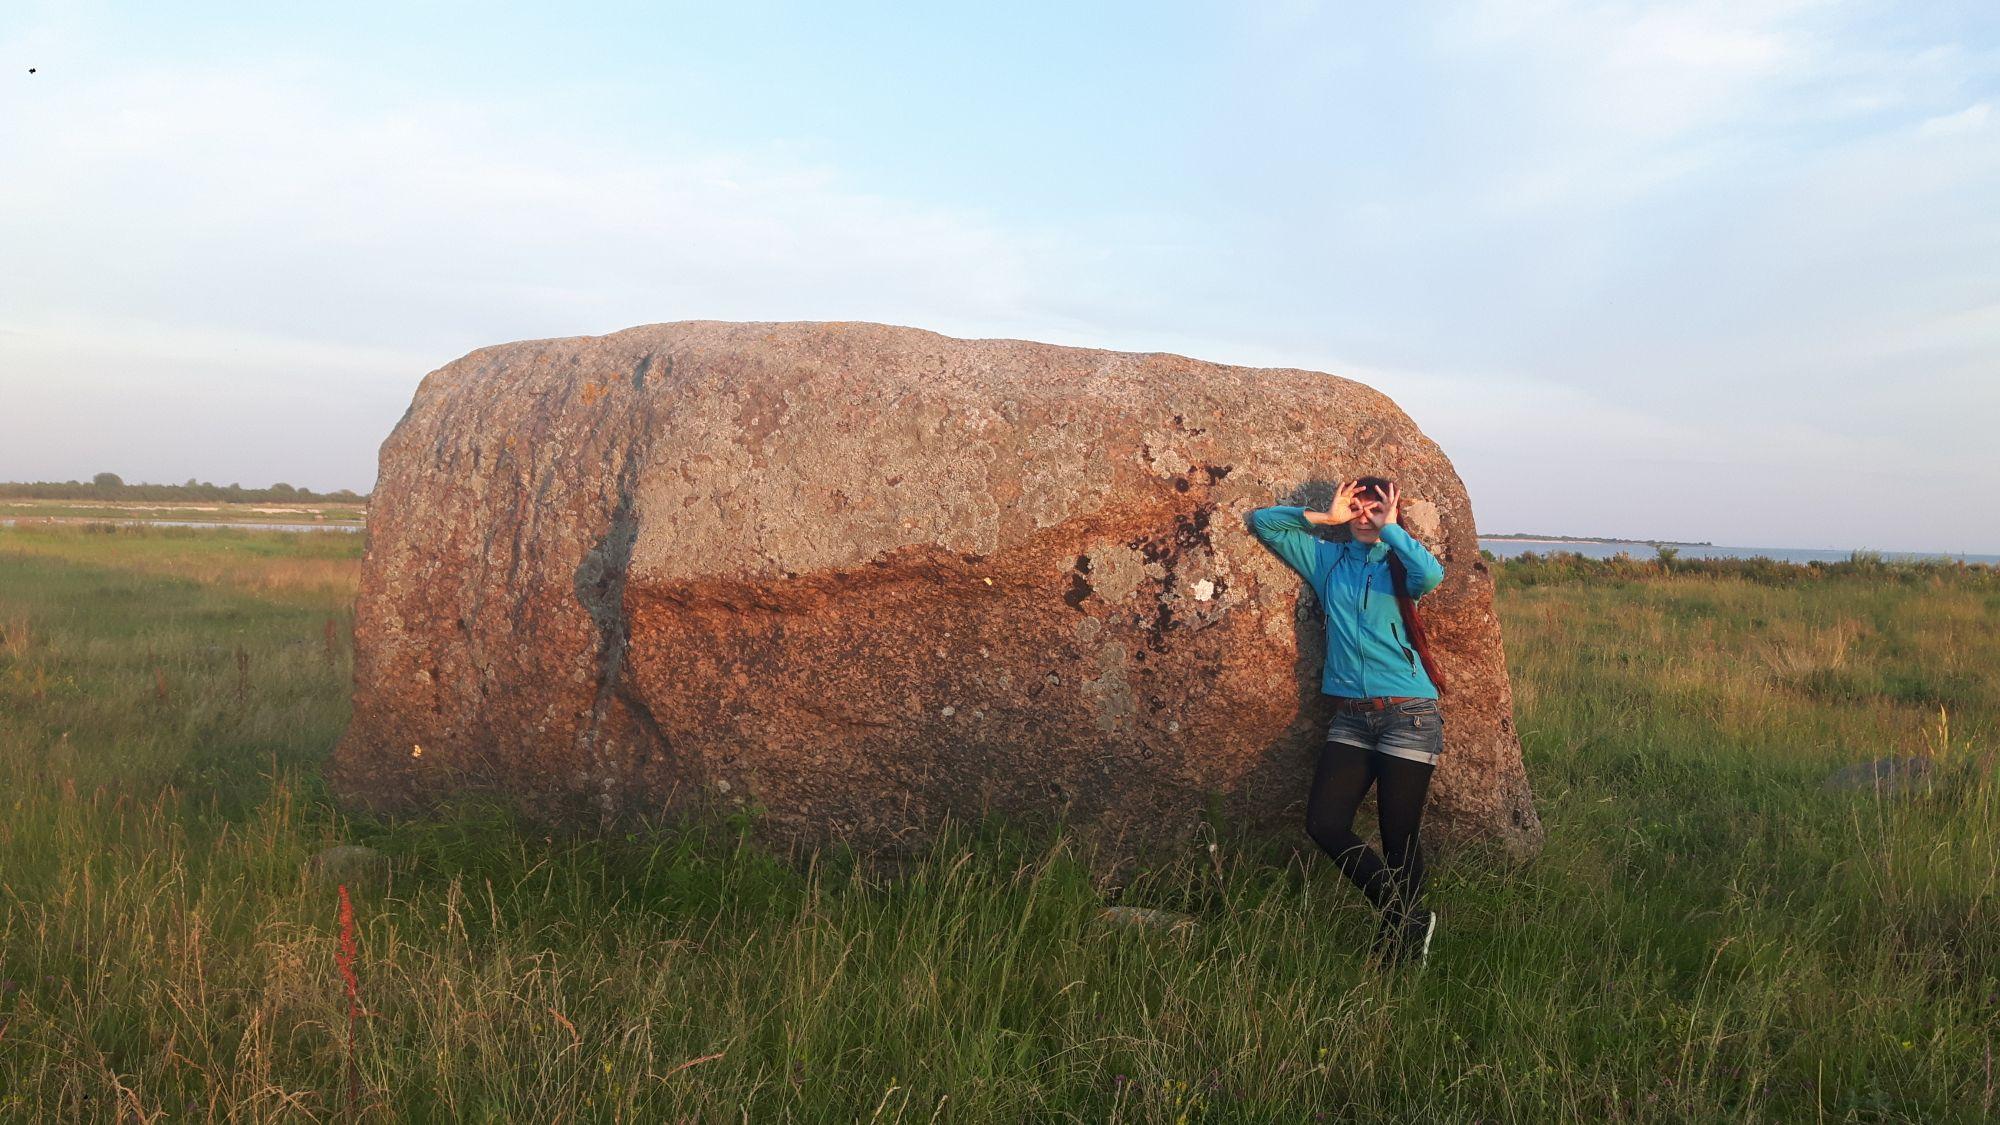 Loonalaiu suurima rändrahnu tõi kunagise taluperemehe sõnul oma asupaika ajujää. Foto: Lona Päll.